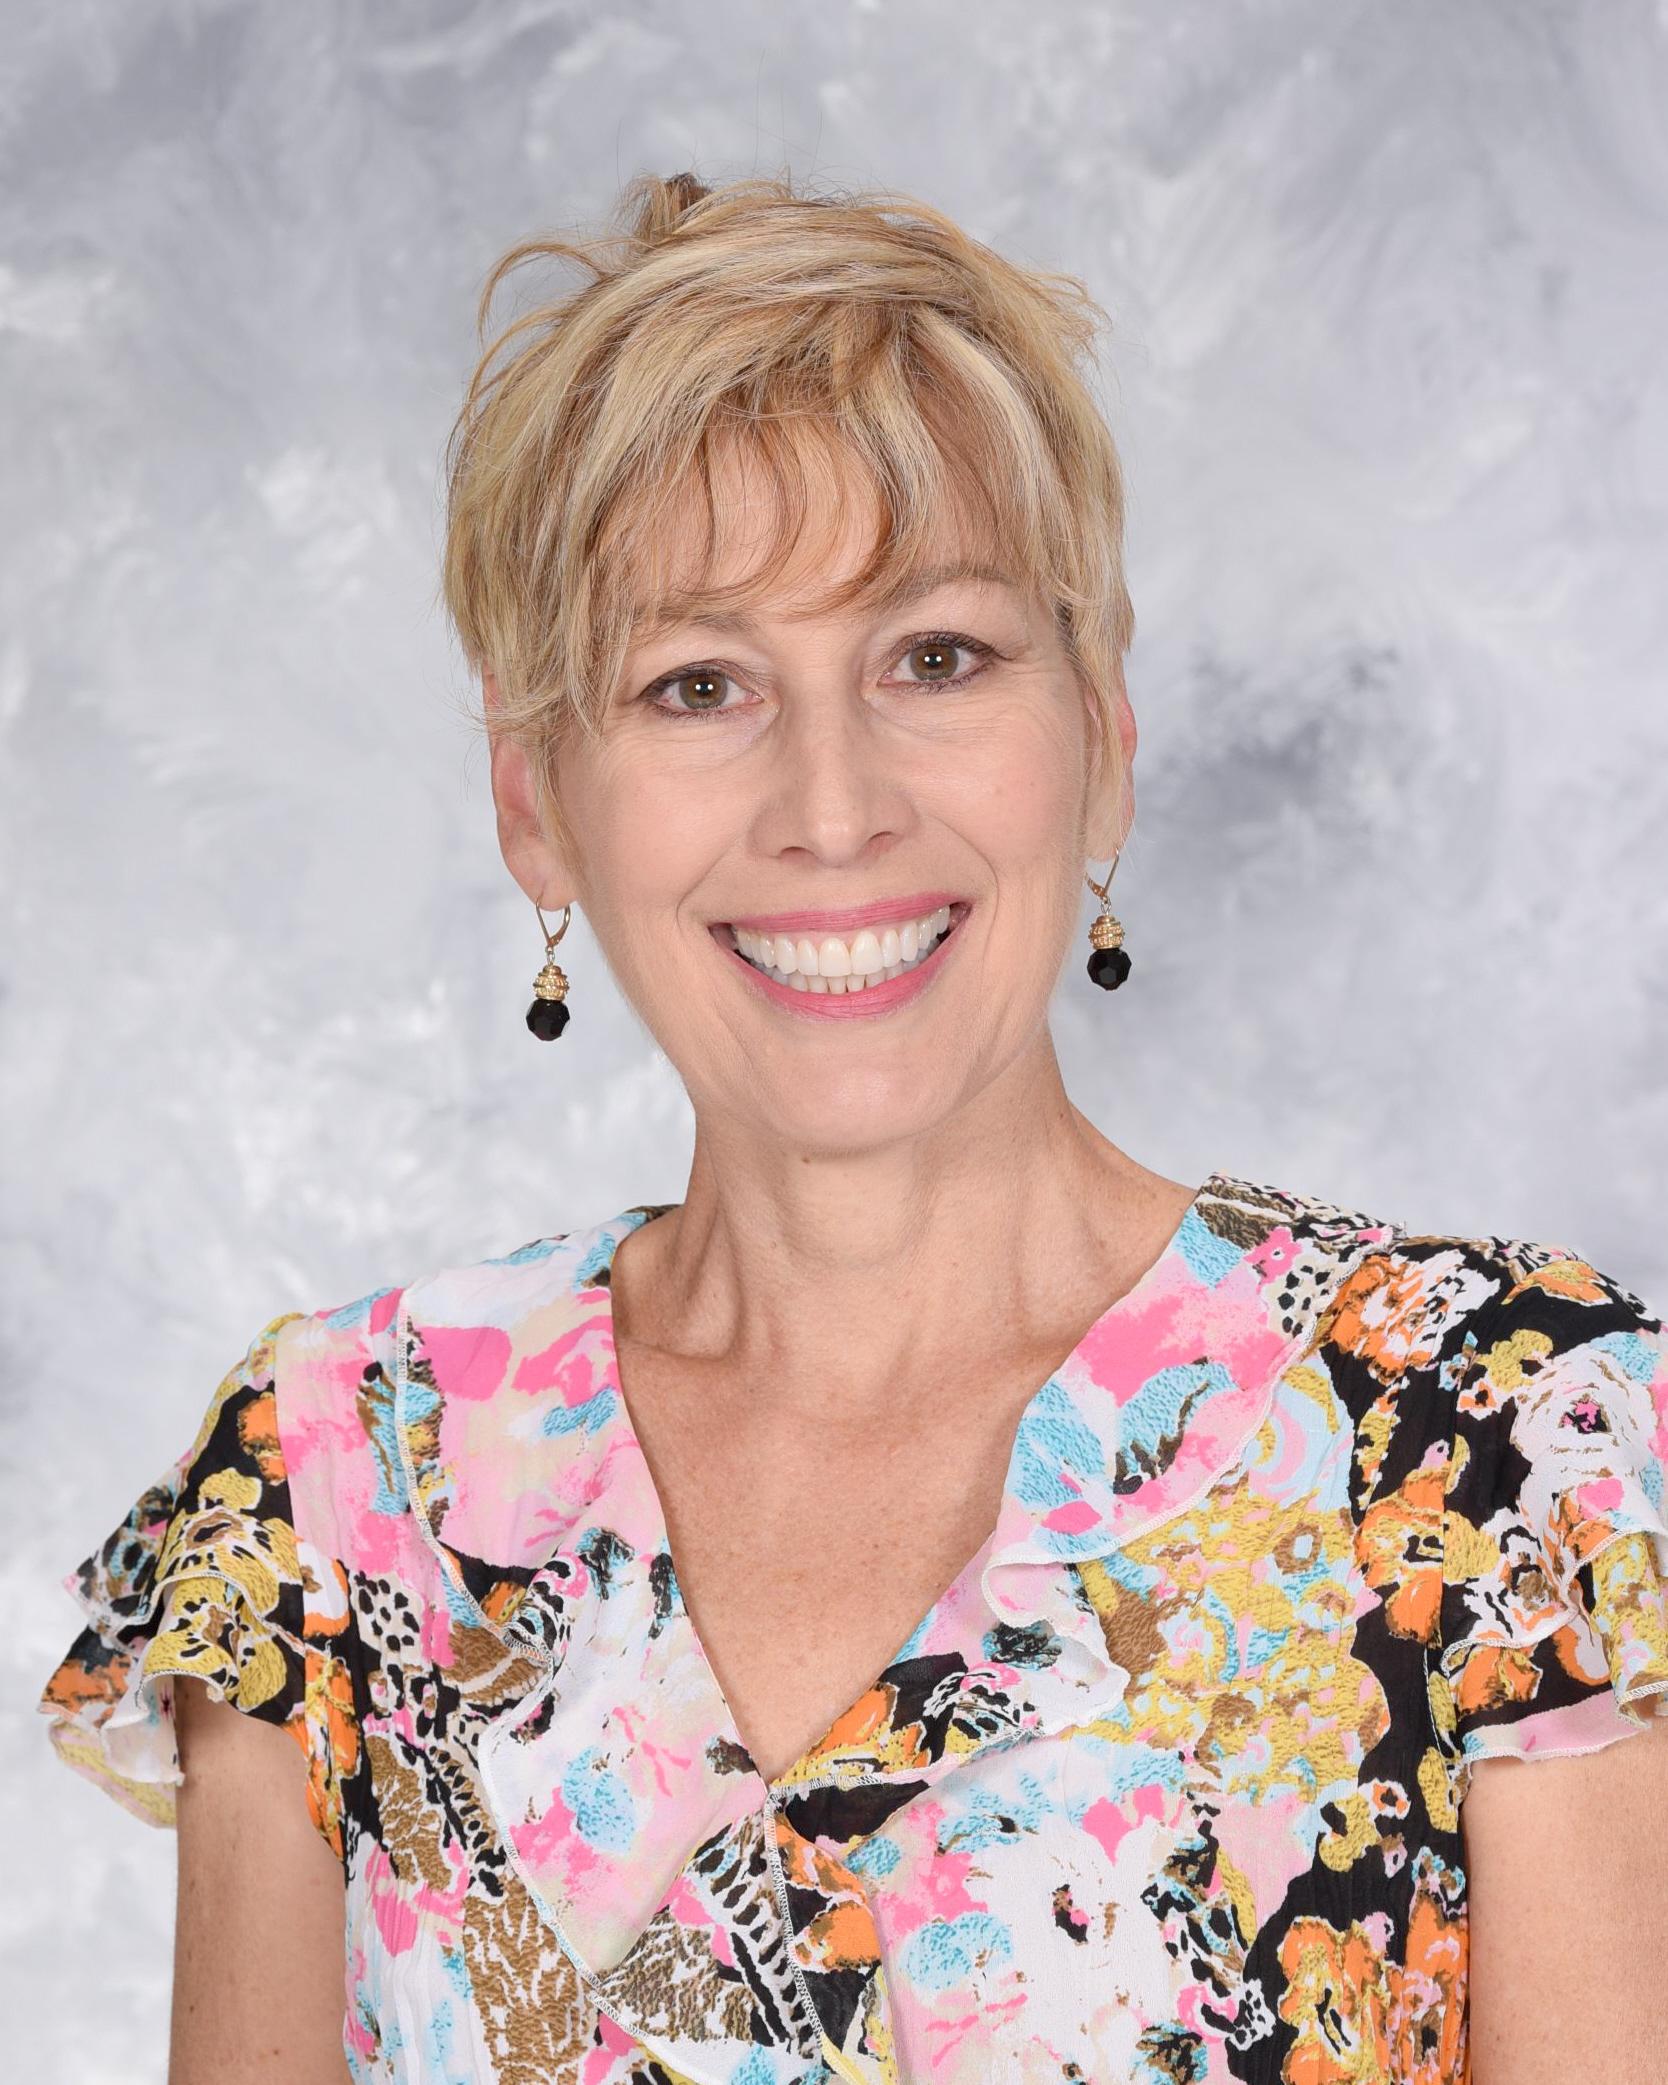 Lisa Iannarelli